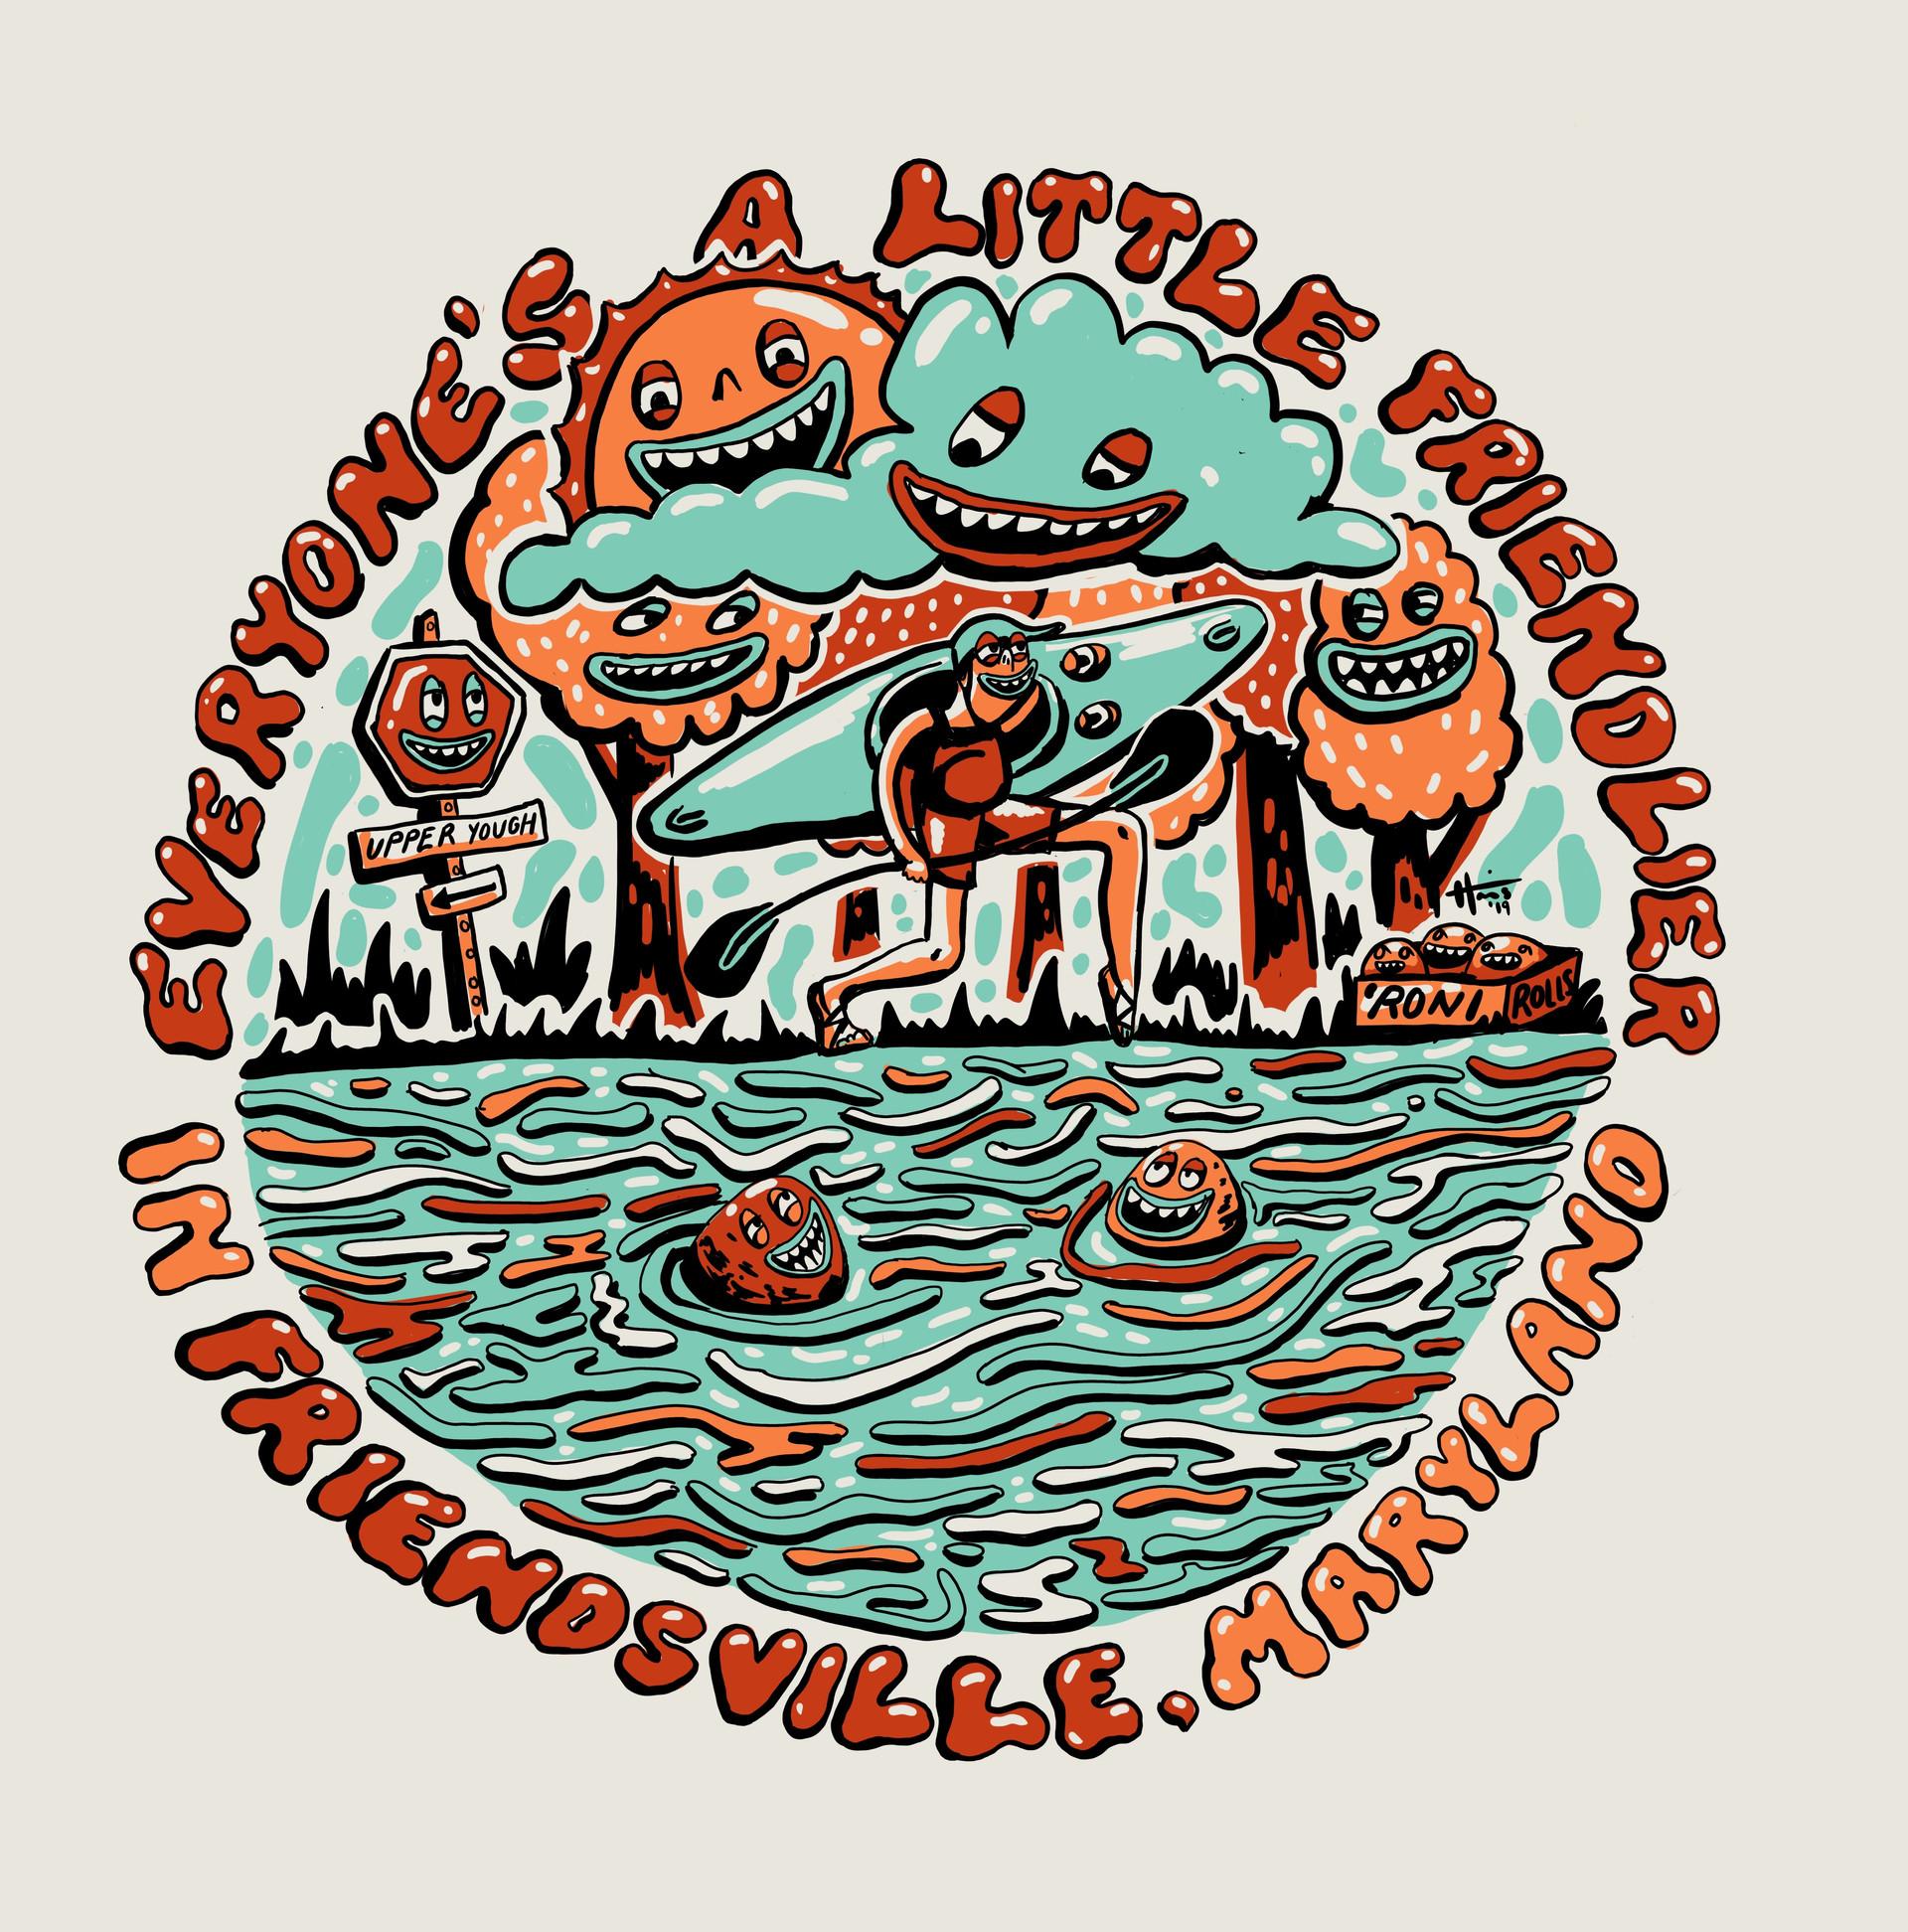 Everyone's Friendlier T shirt design